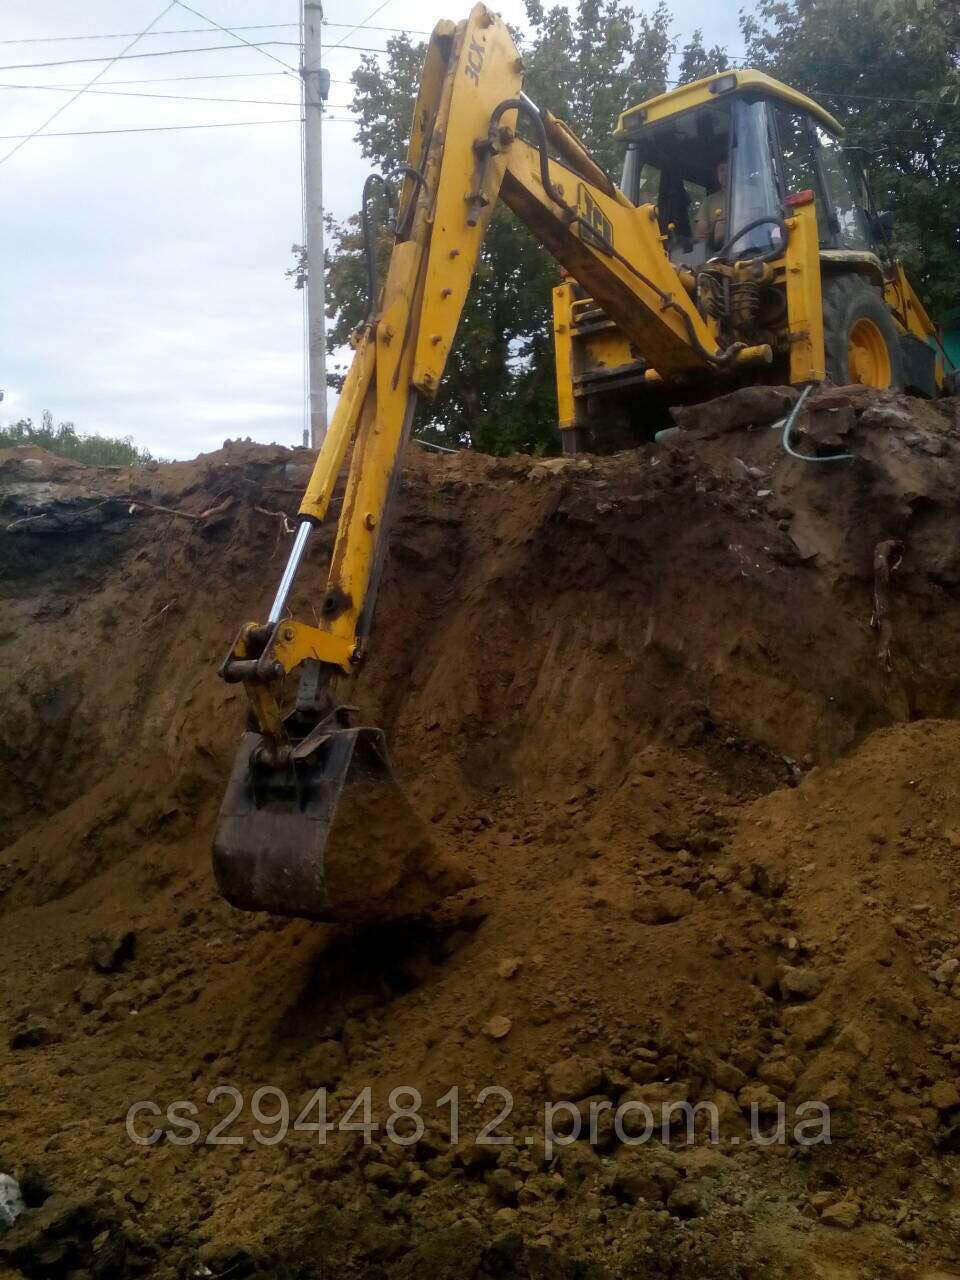 Услуги экскаватора JCB 3C Одесса